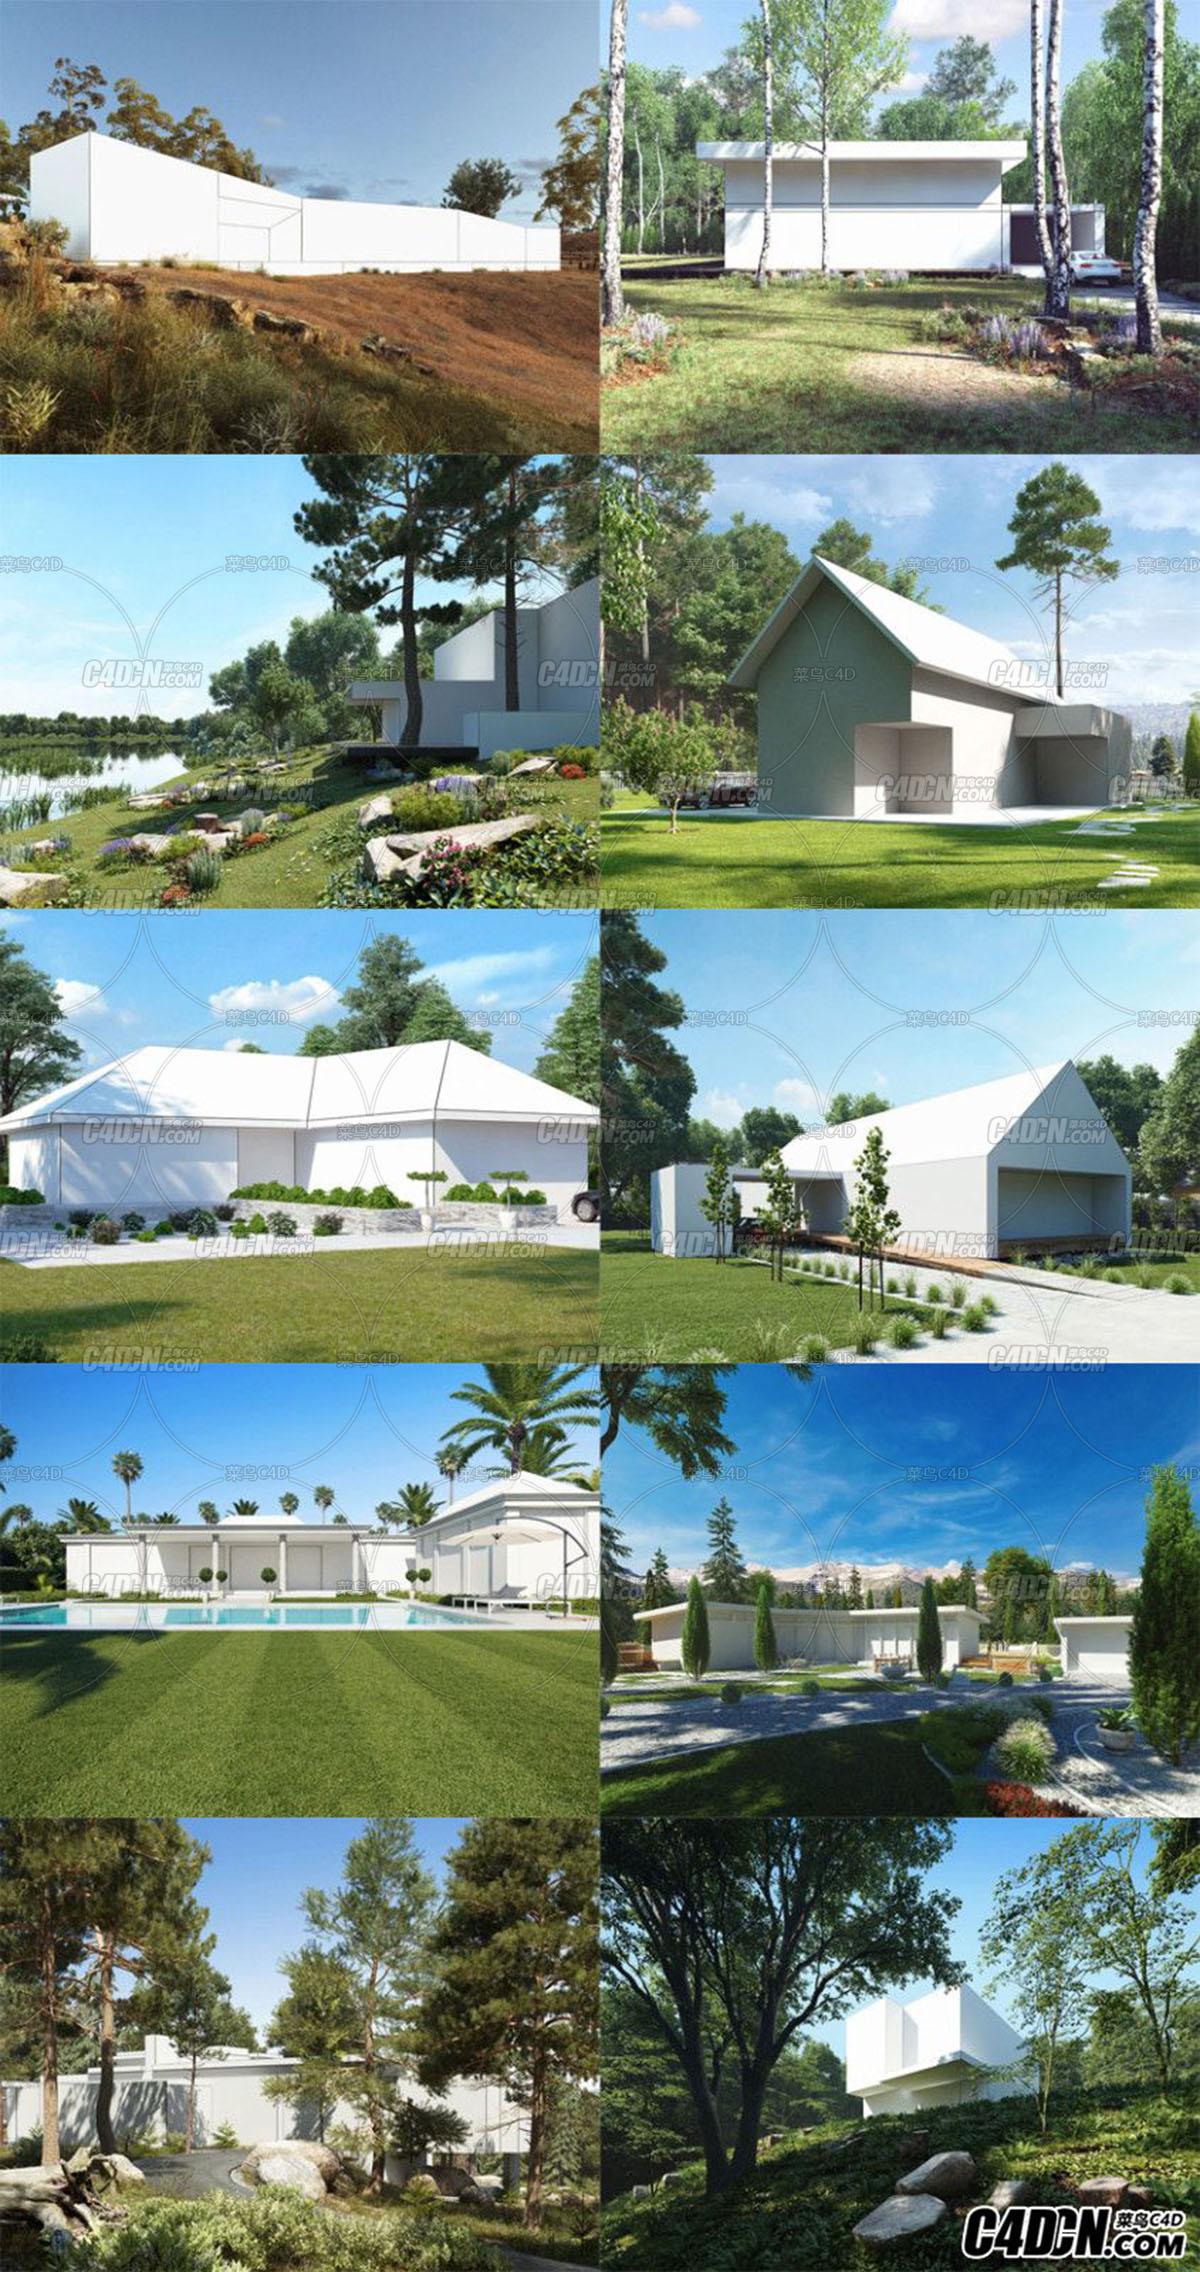 10套高档别墅,景观建筑场景模板集合